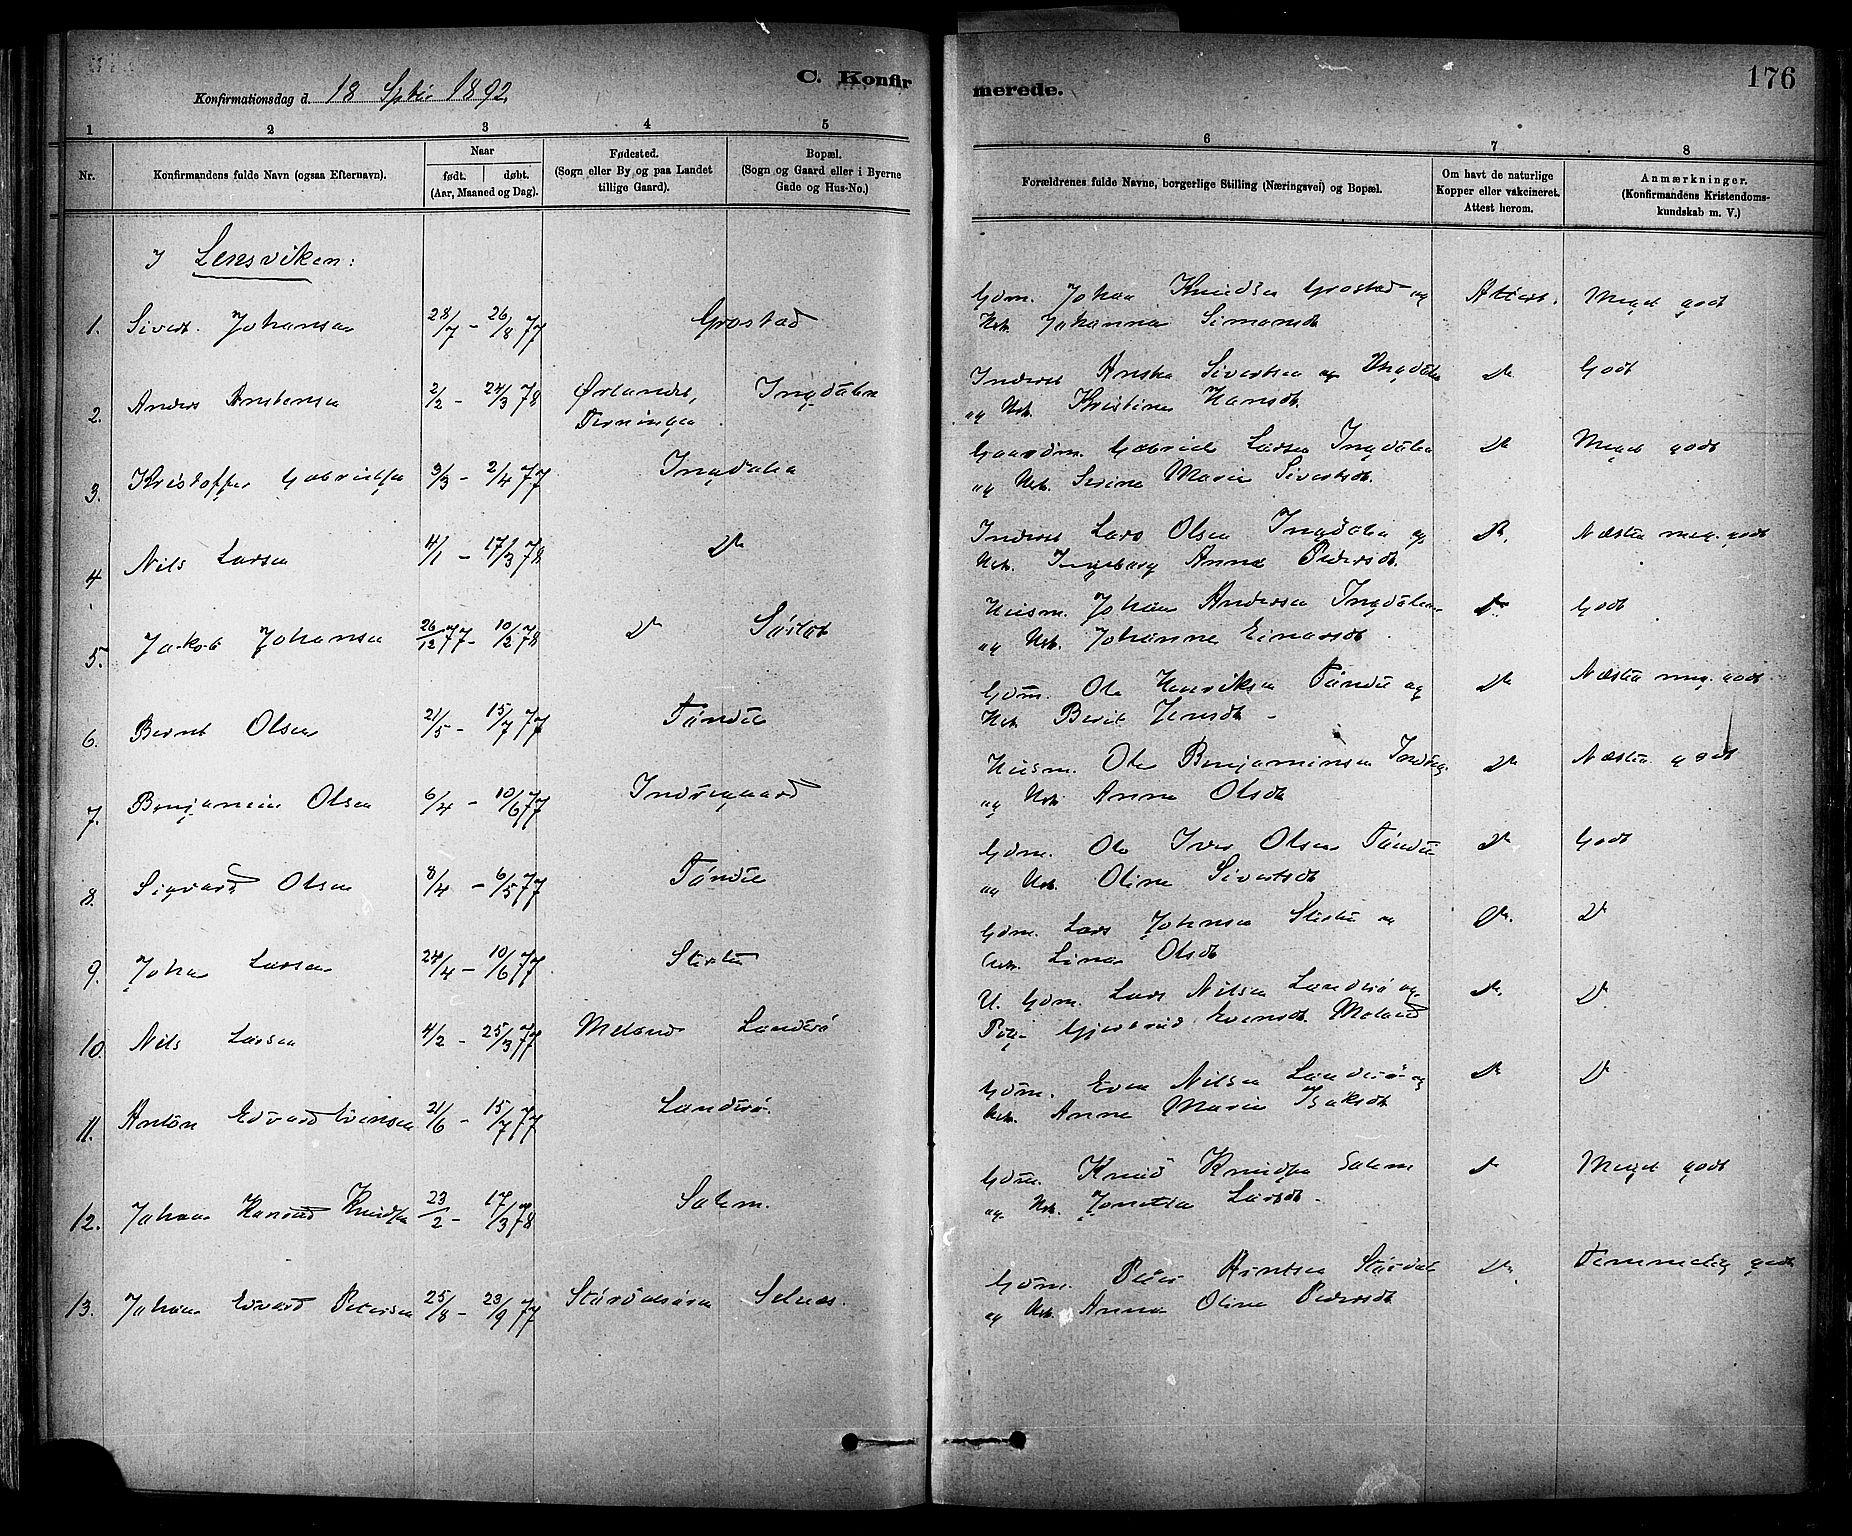 SAT, Ministerialprotokoller, klokkerbøker og fødselsregistre - Sør-Trøndelag, 647/L0634: Ministerialbok nr. 647A01, 1885-1896, s. 176